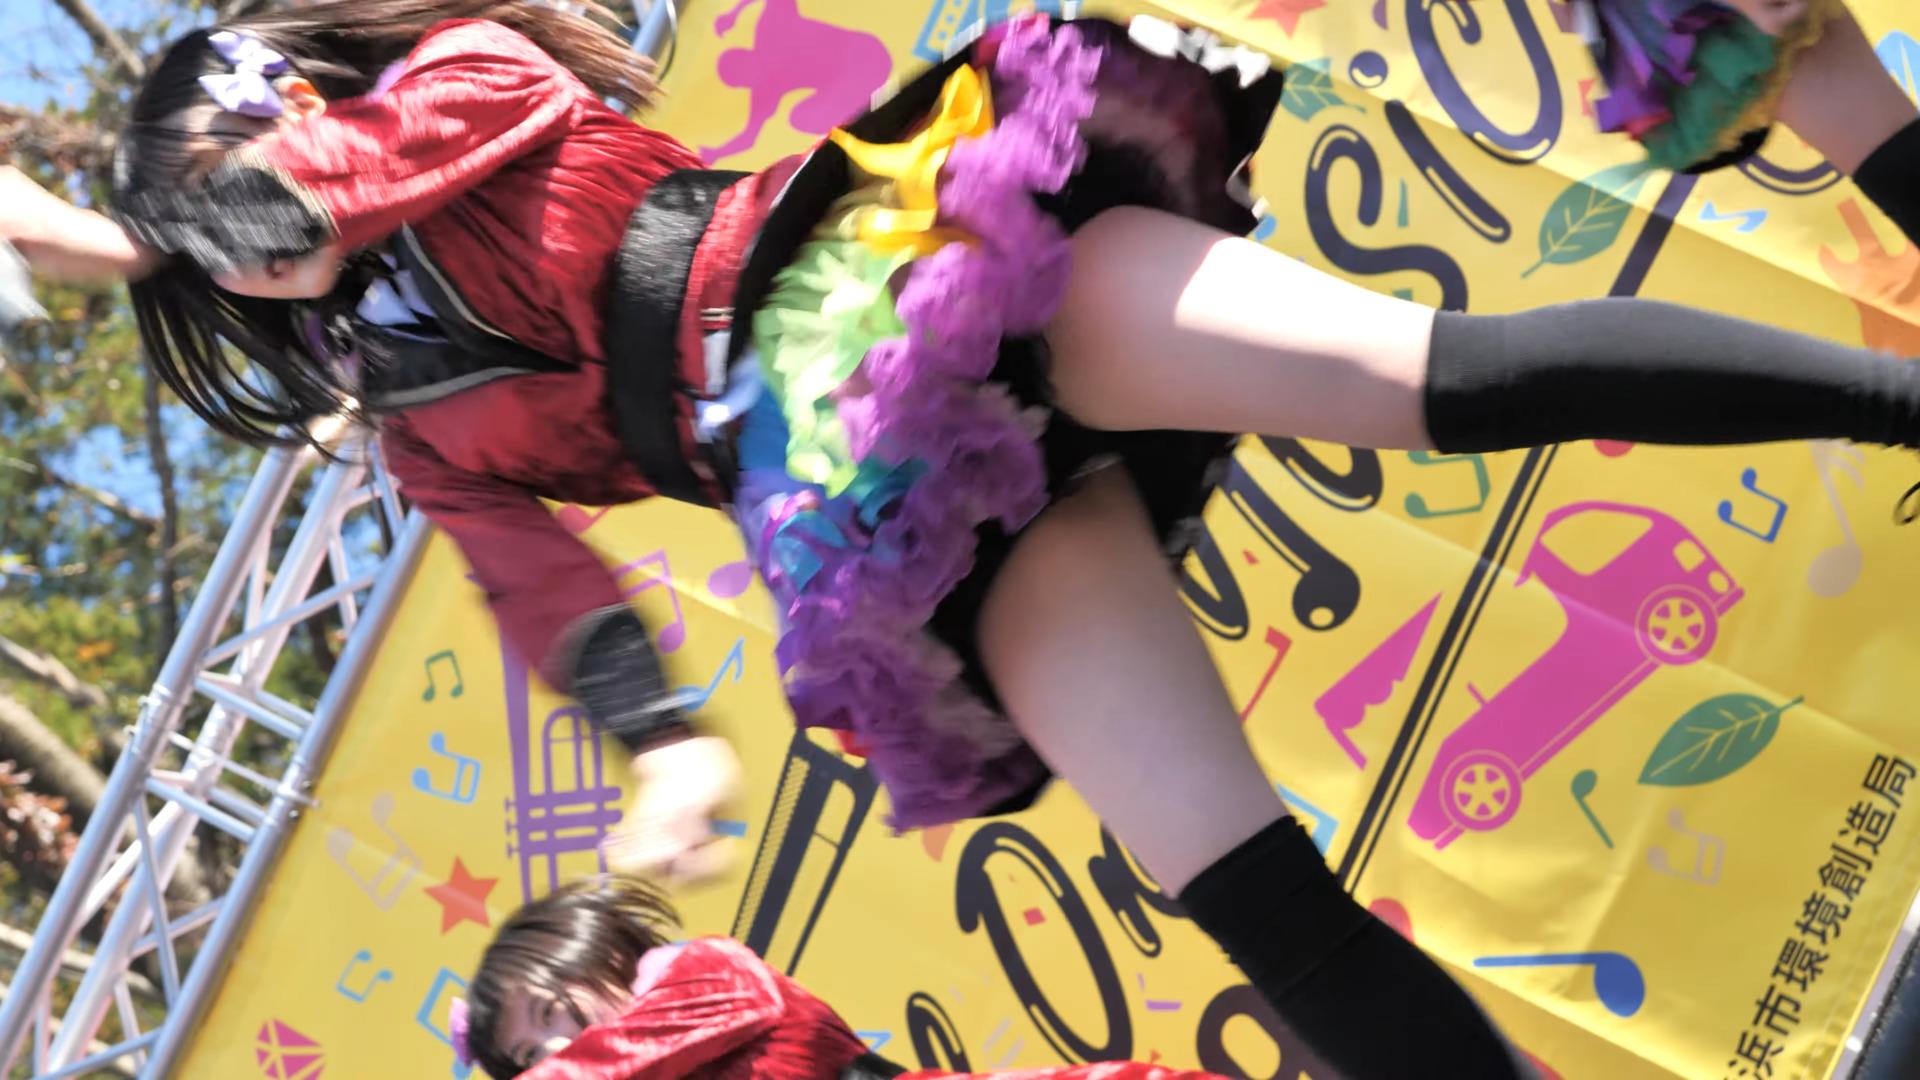 NIJIIRO☆サーカス団/S1H[4K/60P]アイドル191116 09:38